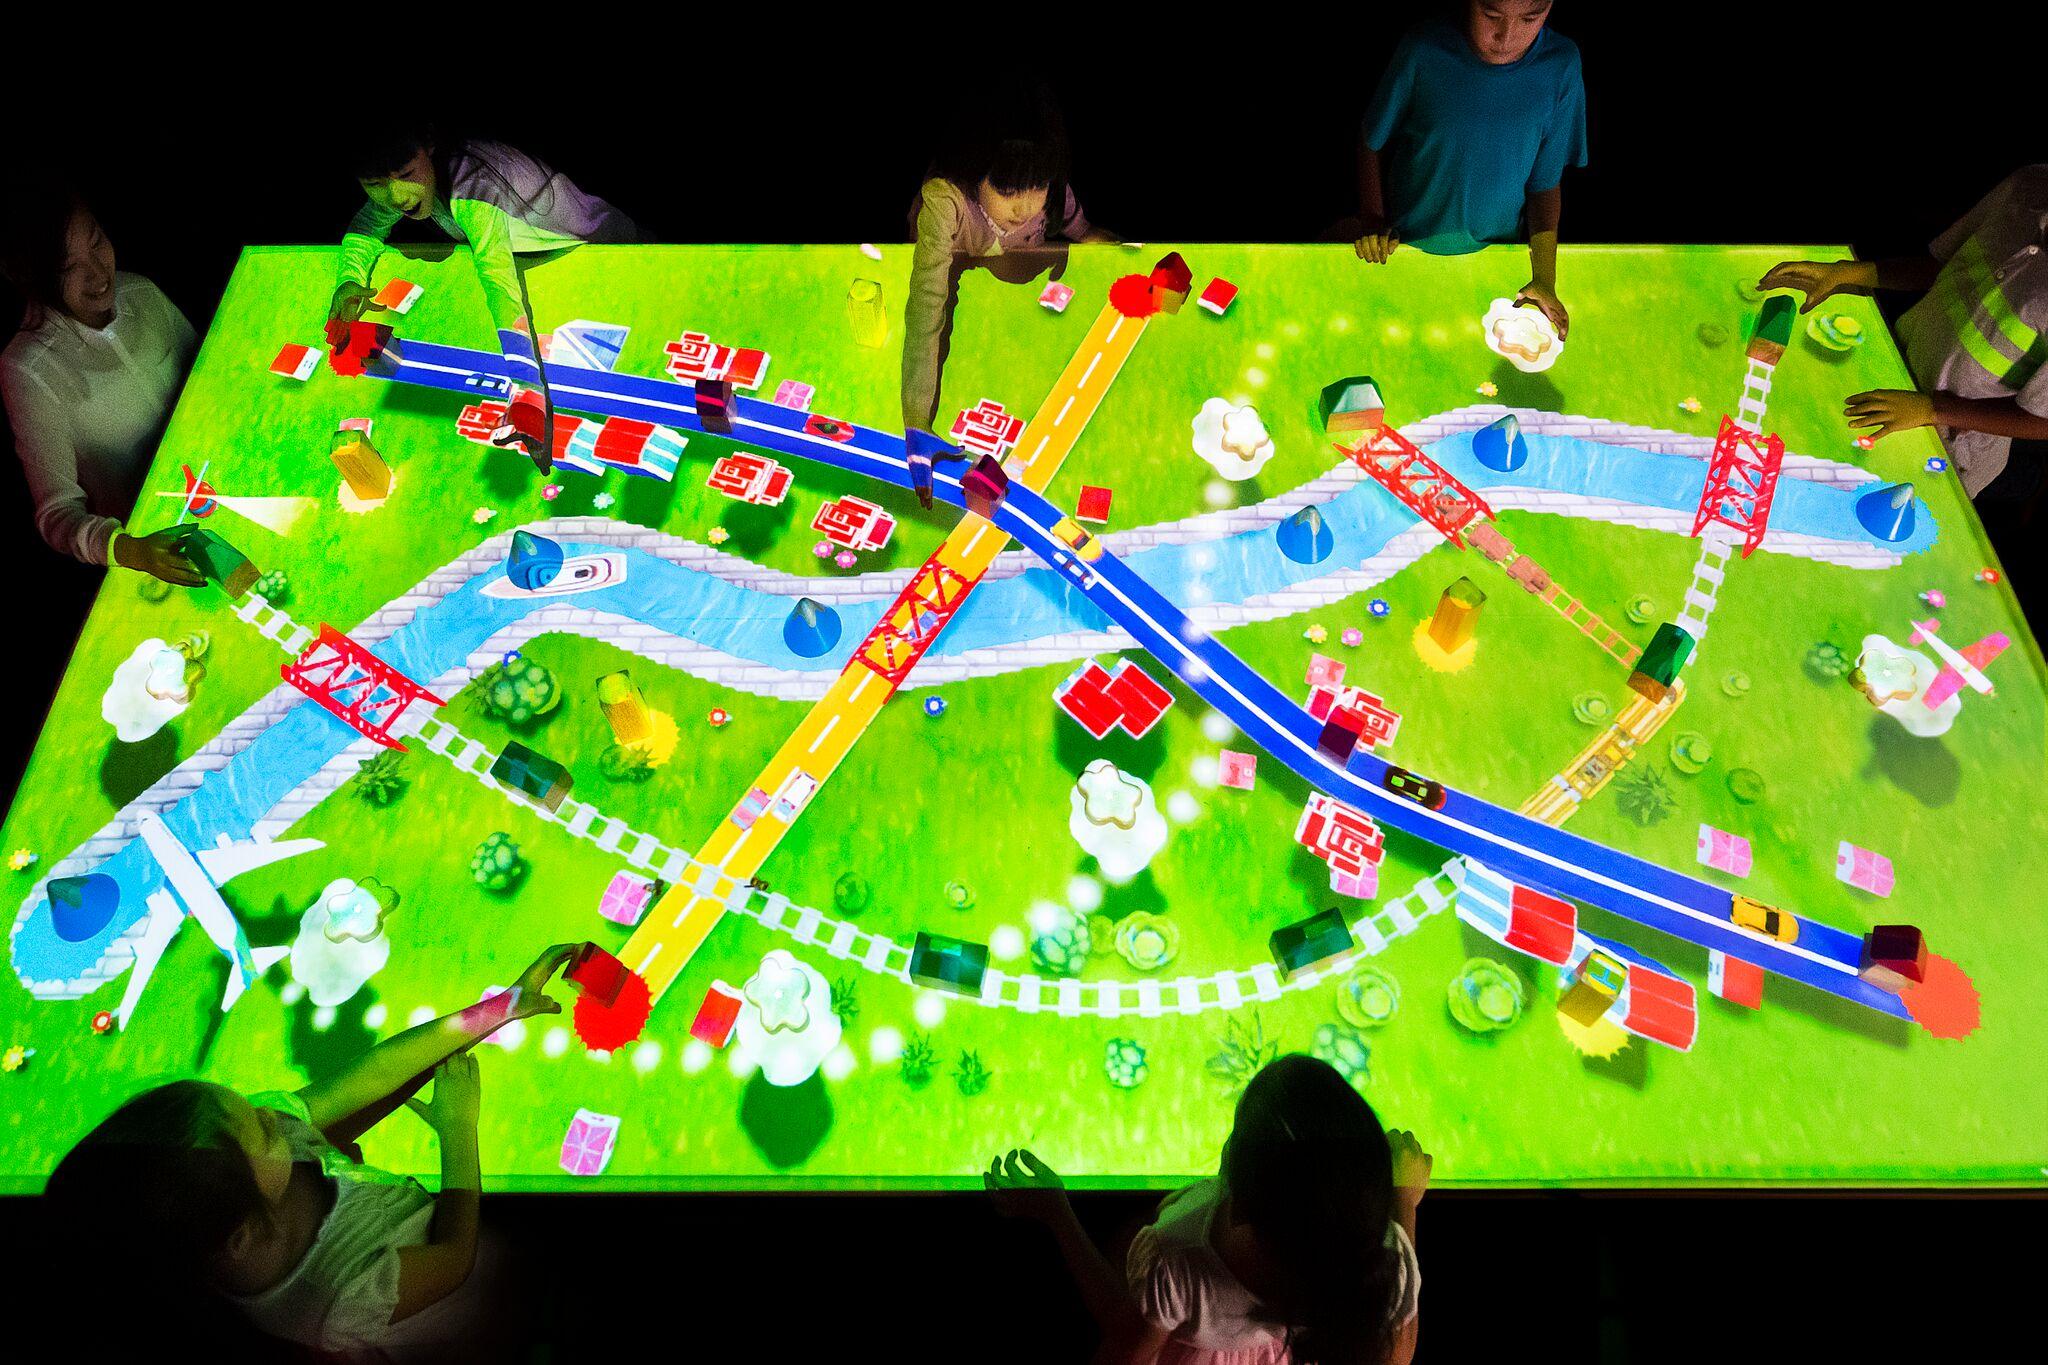 チームラボ 学ぶ!未来の遊園地 甲府市 イベント 4